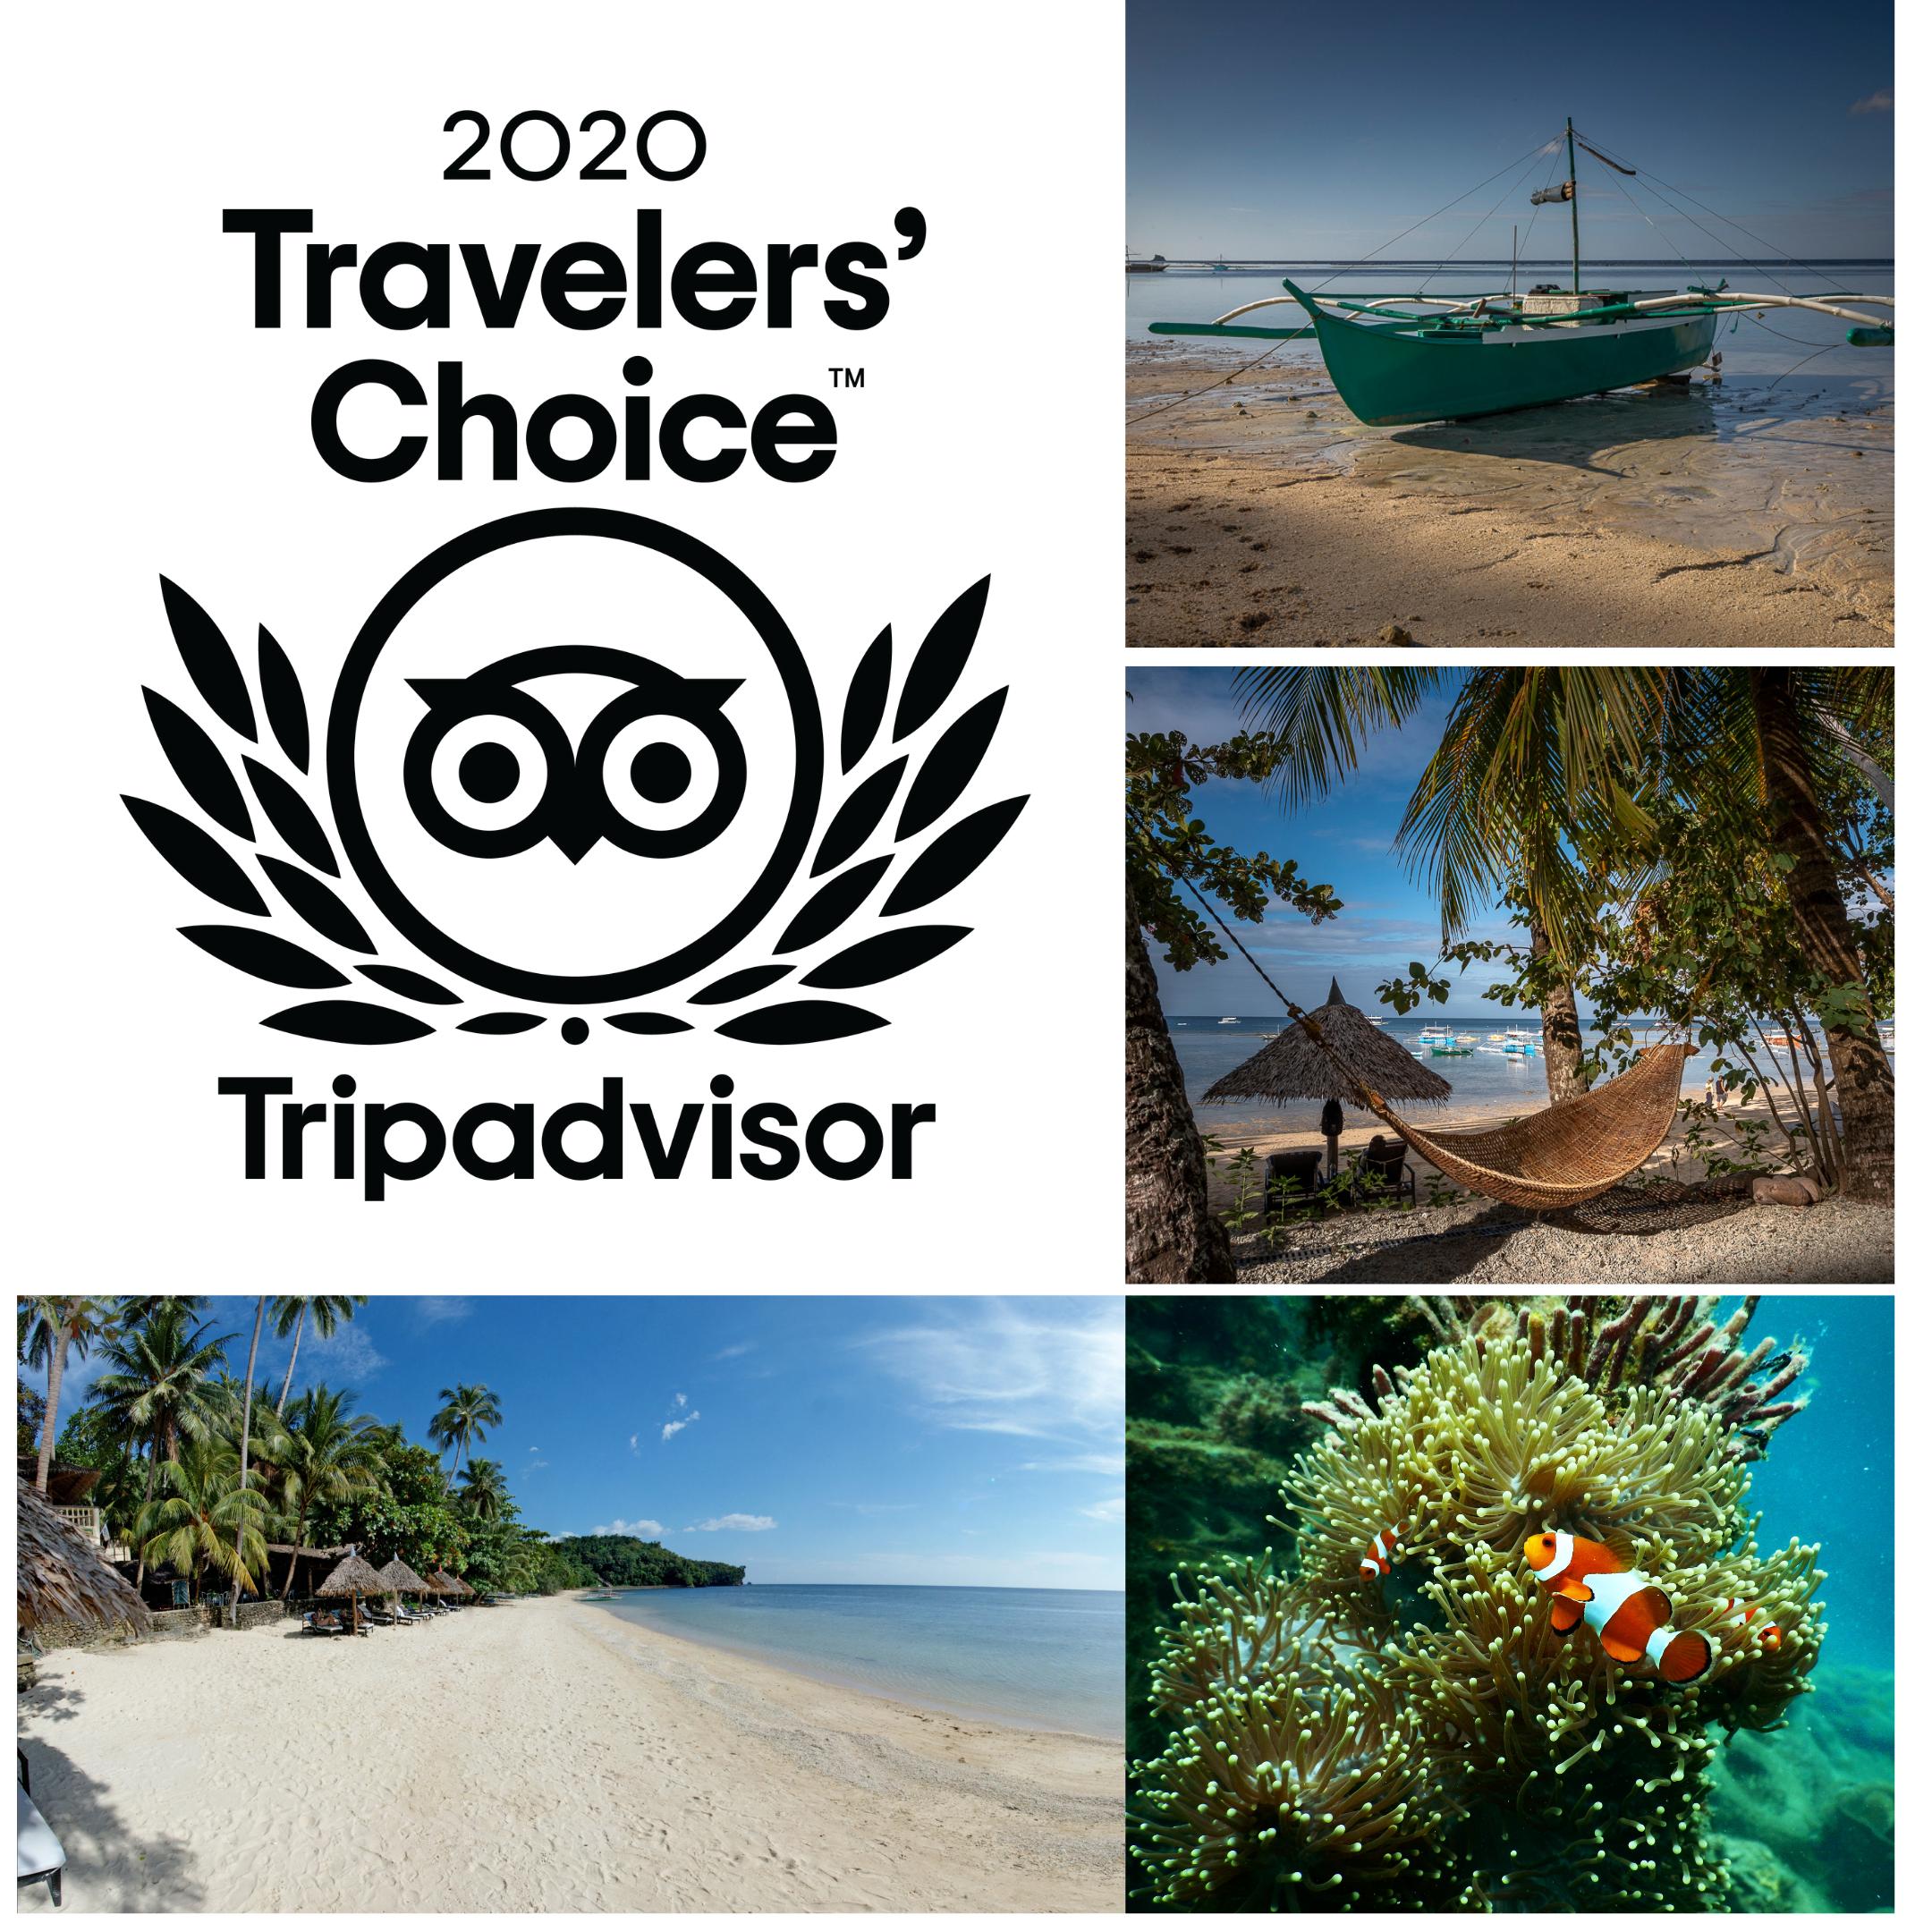 Traveler Choice 2020